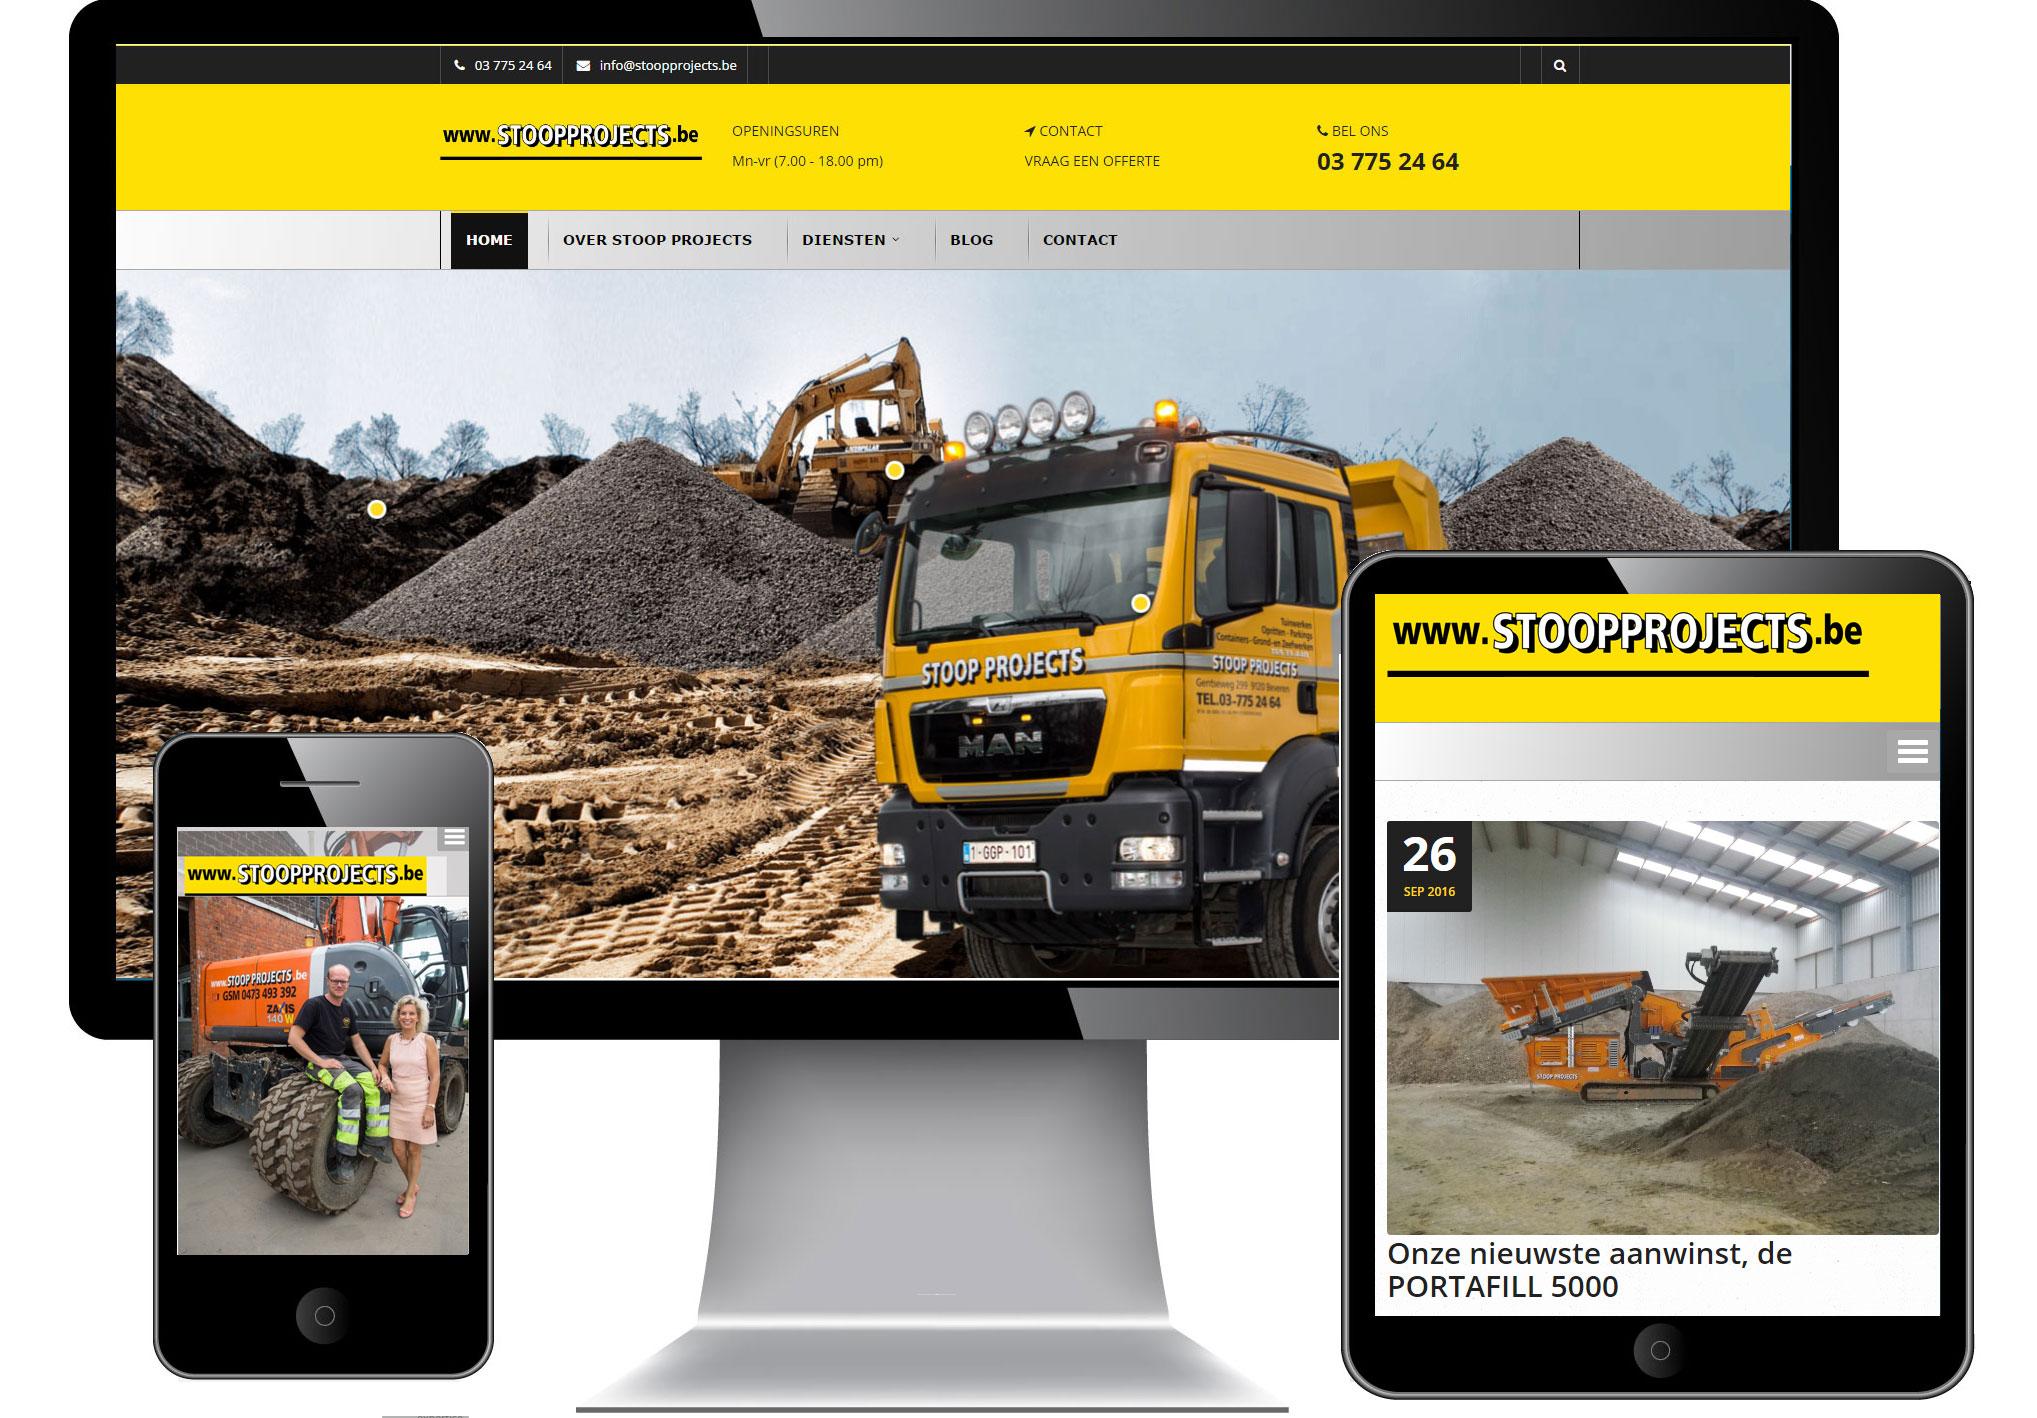 Nieuwe mobielvriendelijke responsive website voor stoopprojects